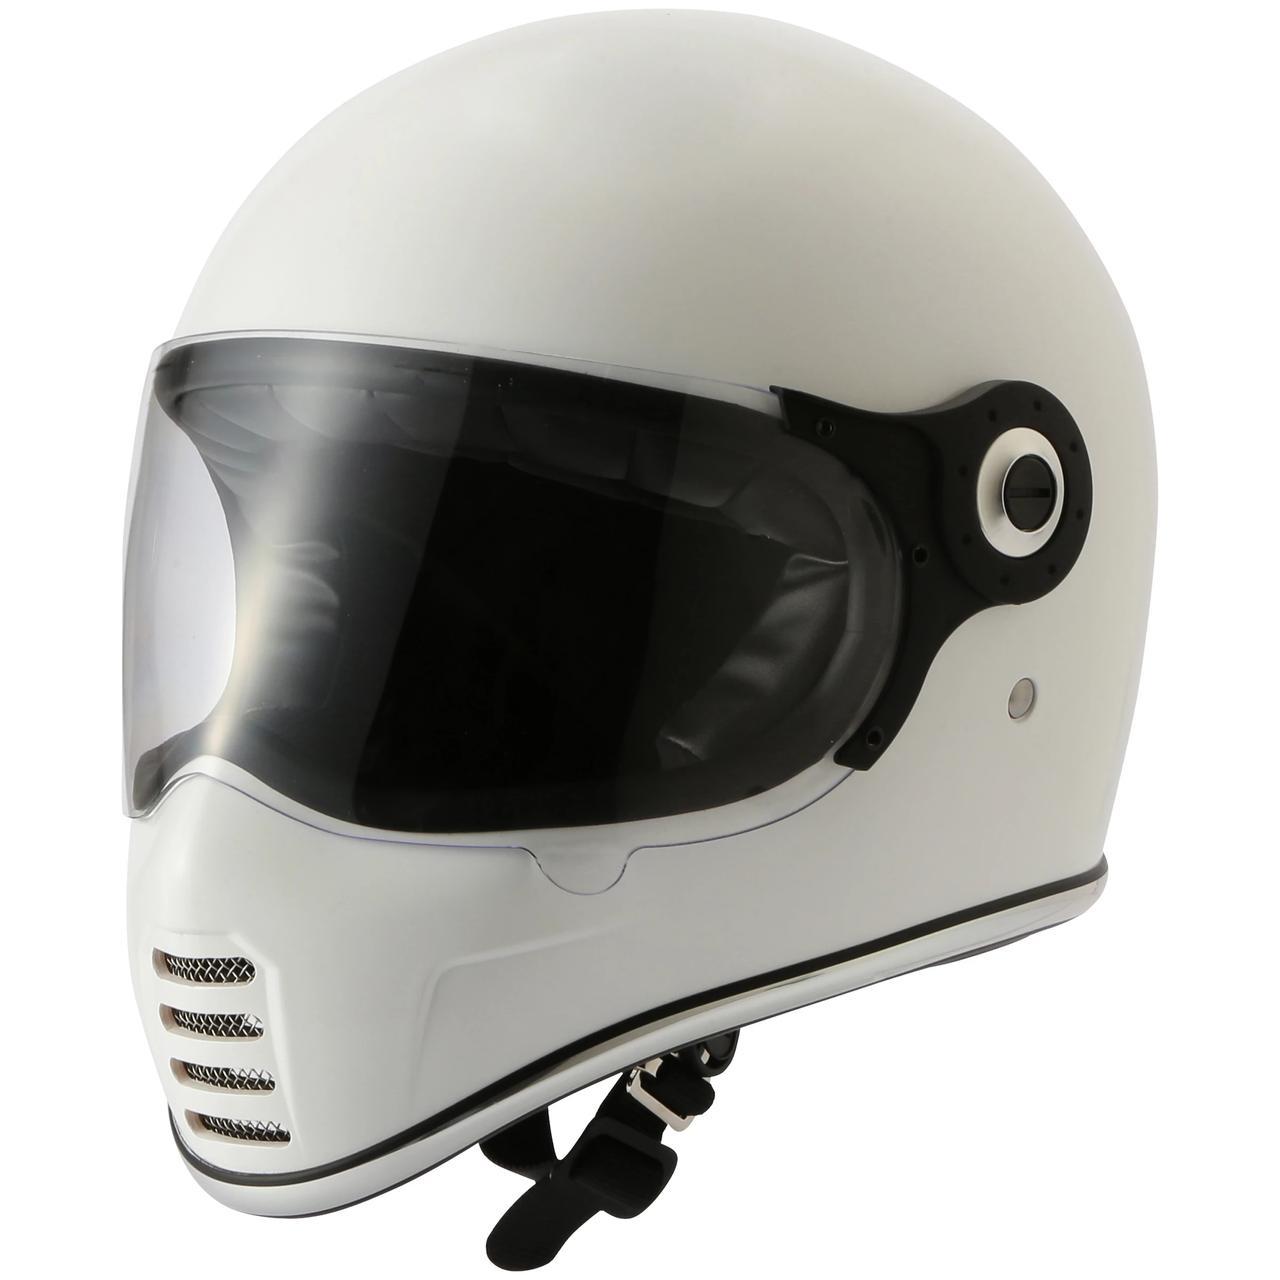 画像12: 【RIDEZ】ネオクラシックヘルメット「XX」(ダブルエックス)が発売開始! 価格も魅力的!